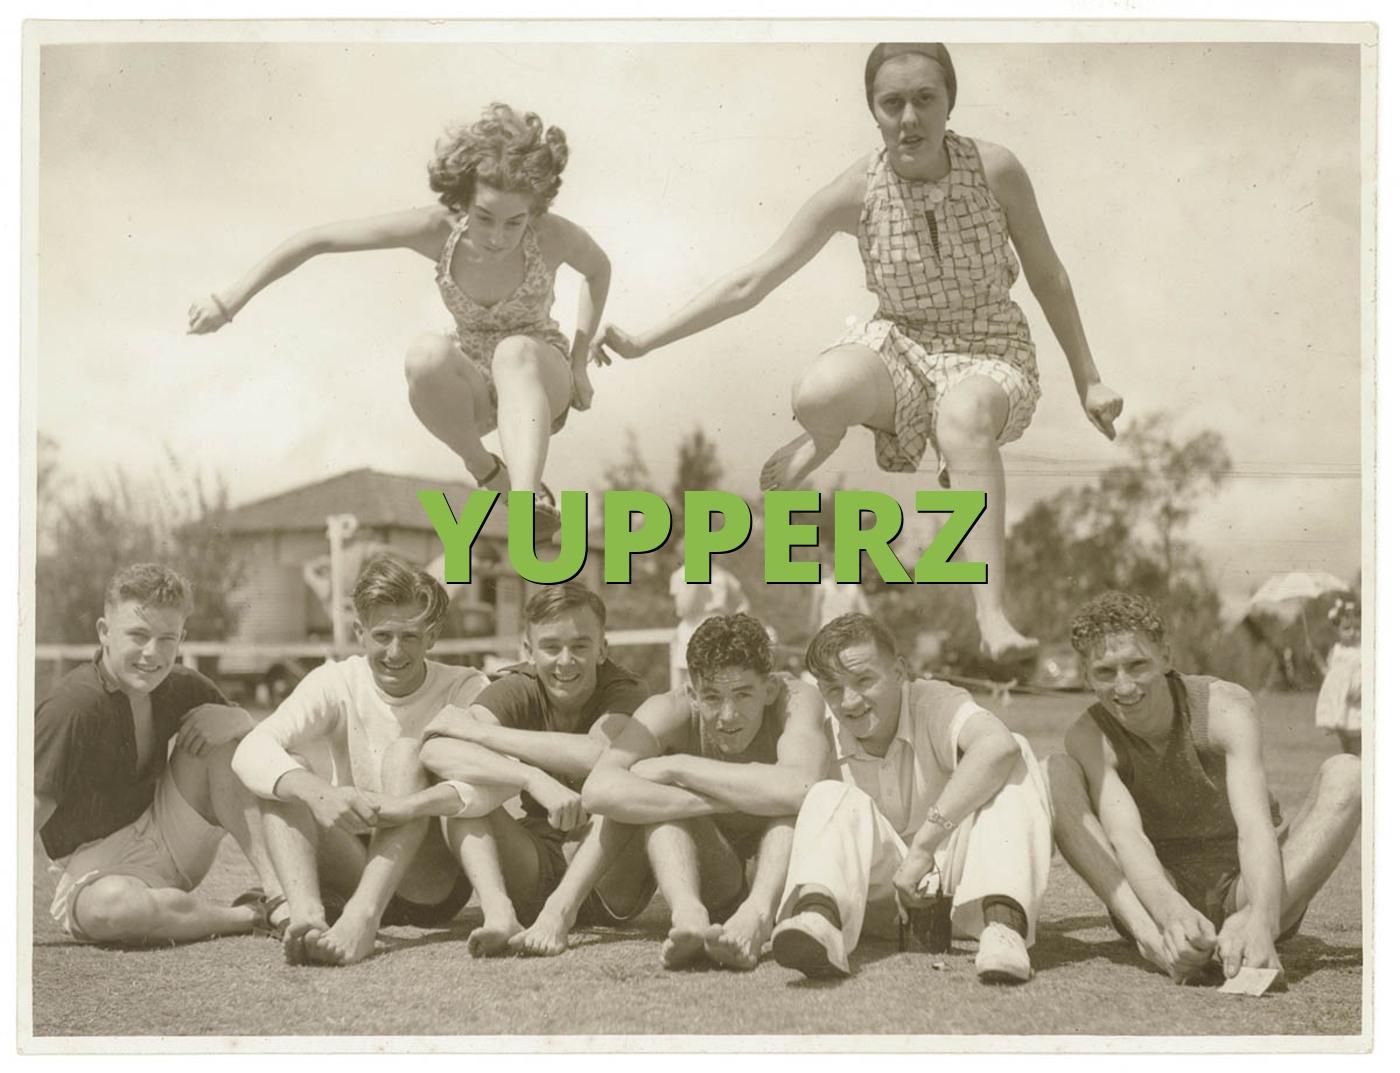 YUPPERZ